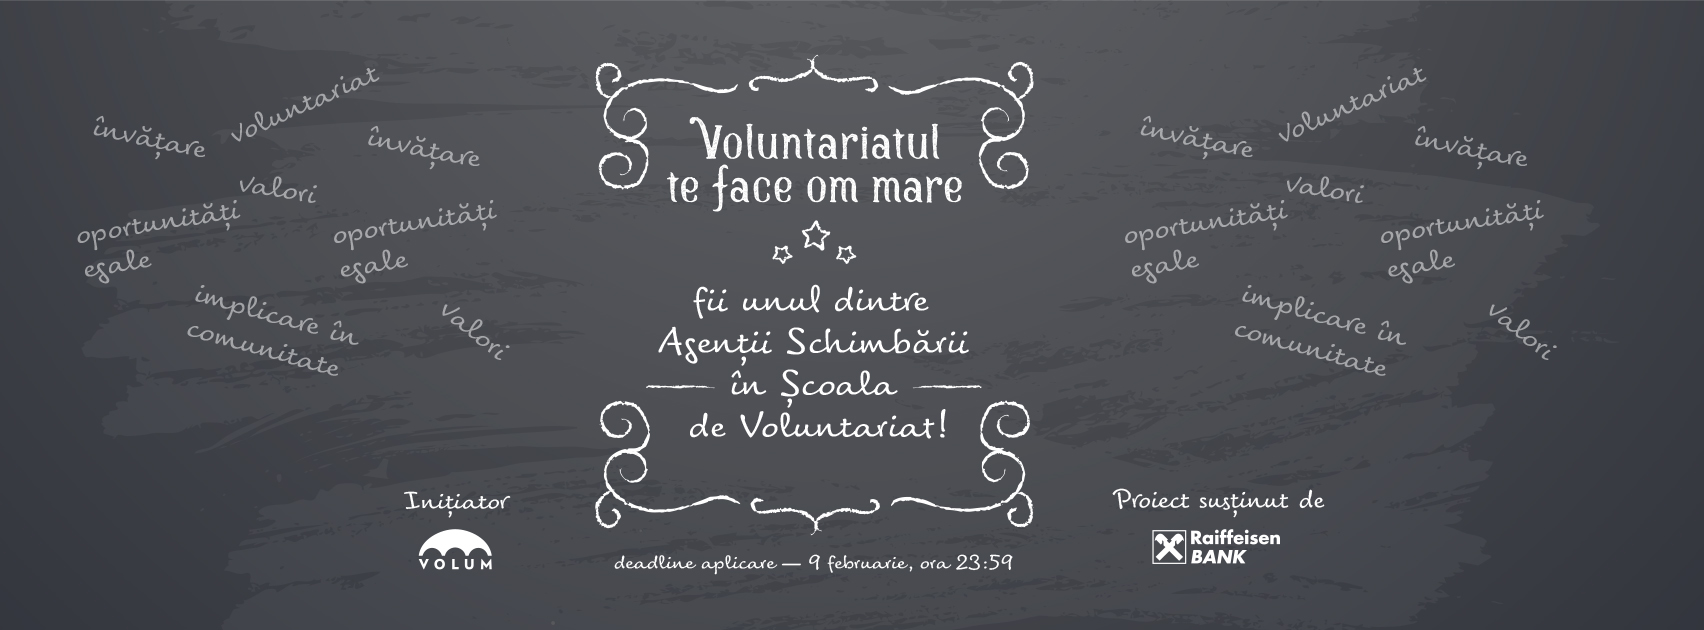 1_0_0_recrutare_voluntariatul_de_face_om_mare_cover_photo